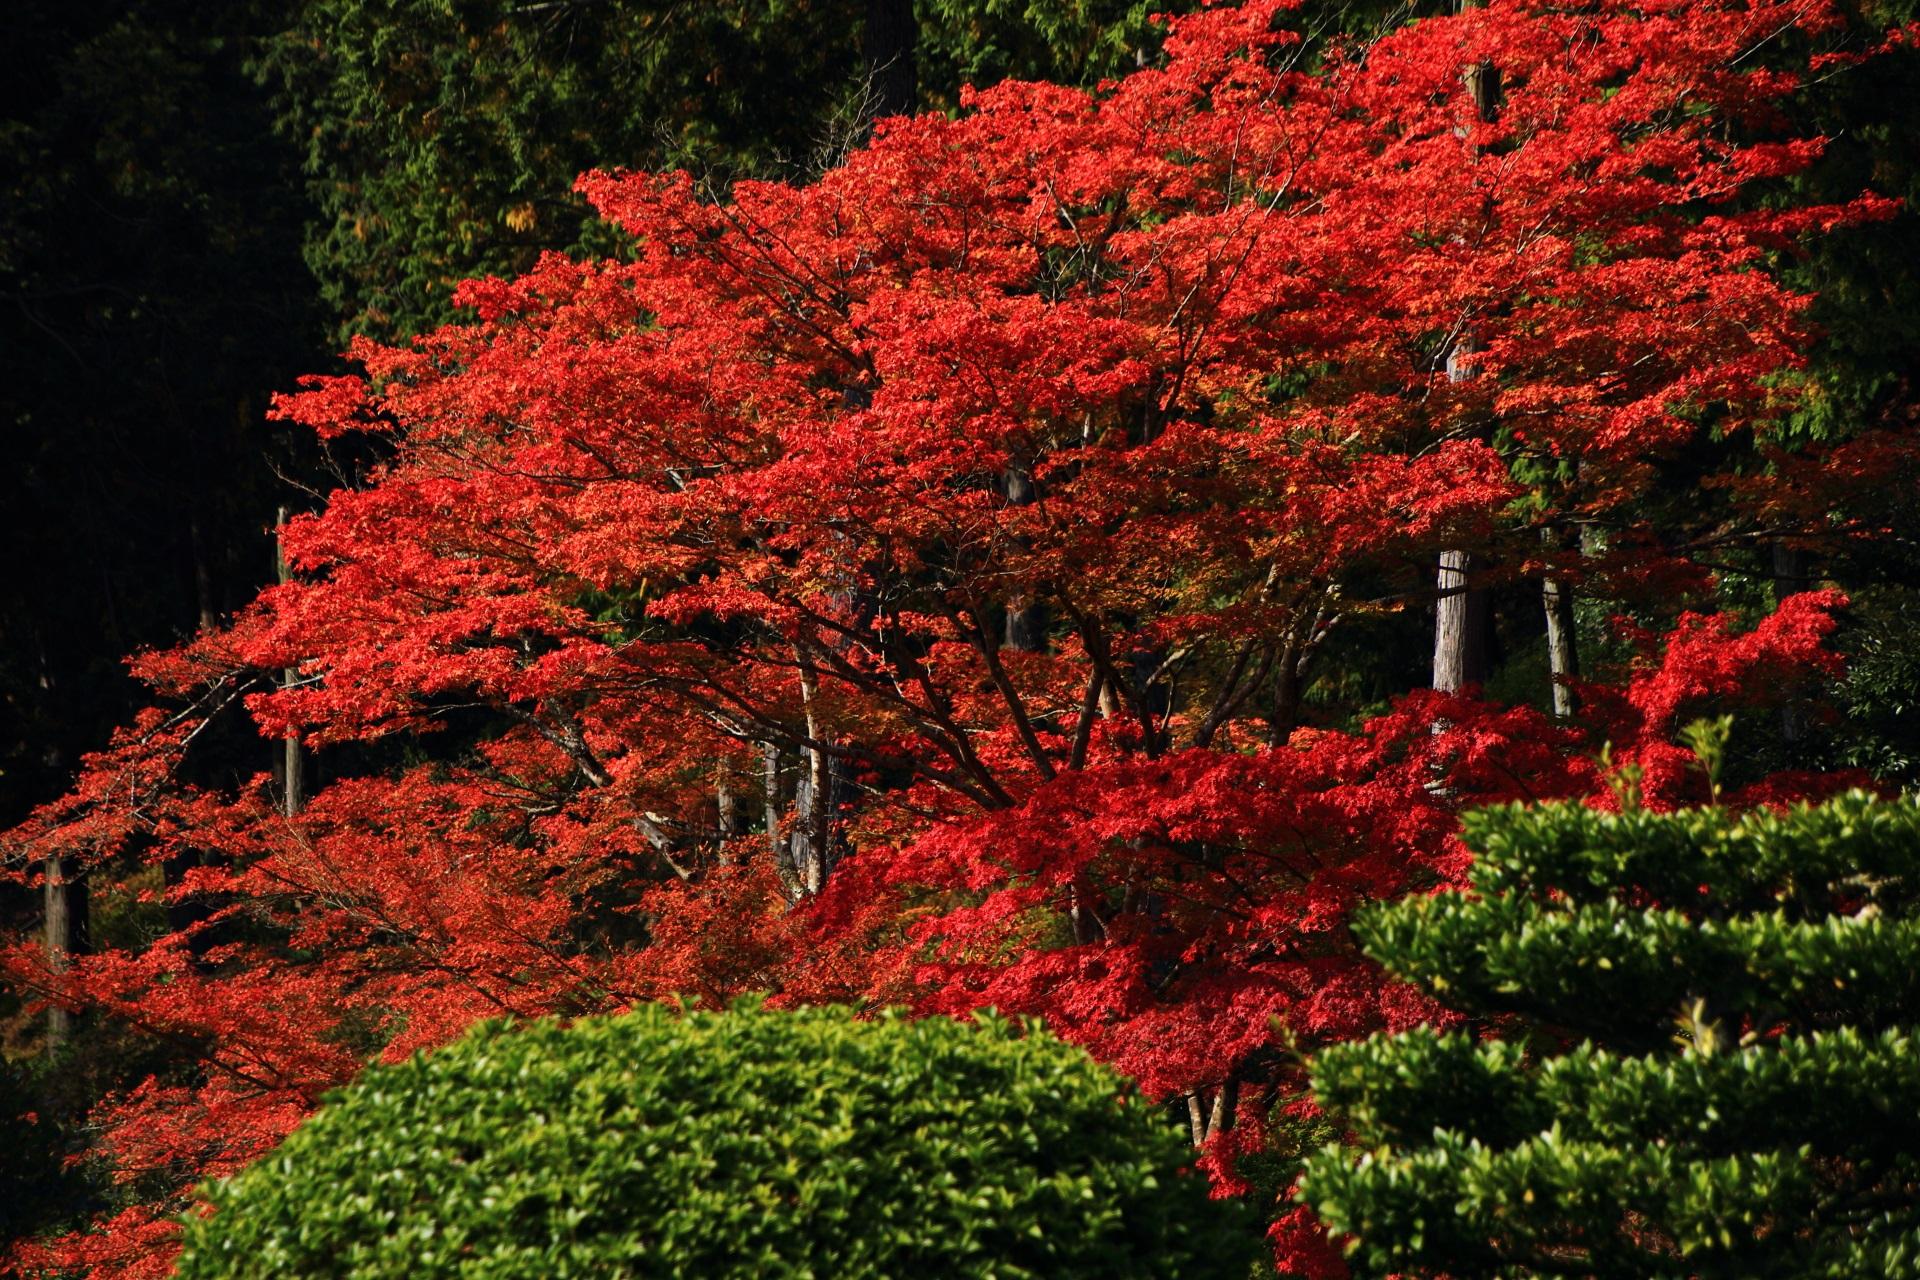 鮮烈な色合いの真っ赤なカエデ